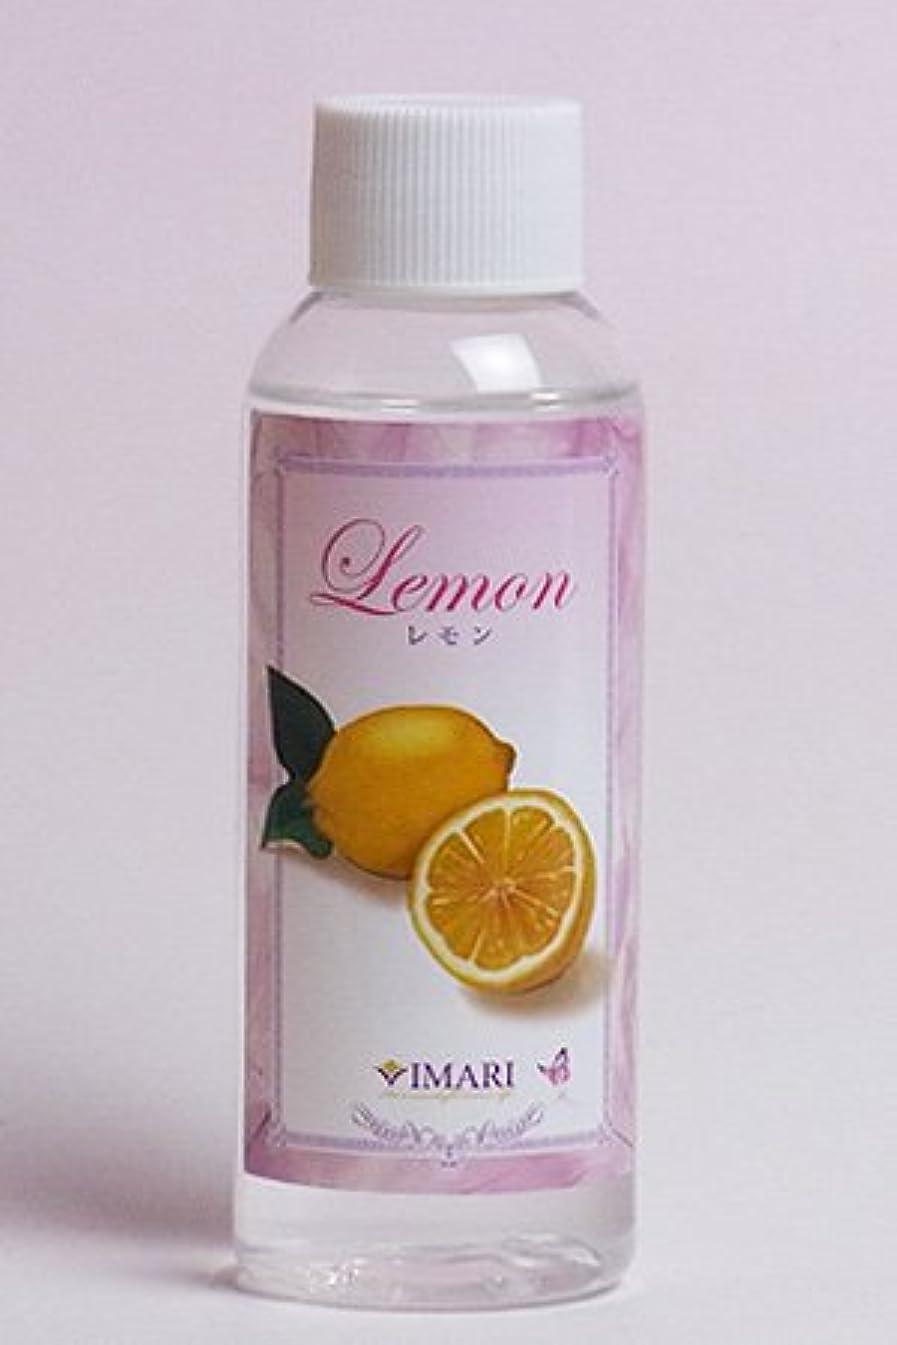 経由で相対性理論ベース【シャルティエアロマオイル】レモン100ml ランプベルジェ製アロマランプでも使用可